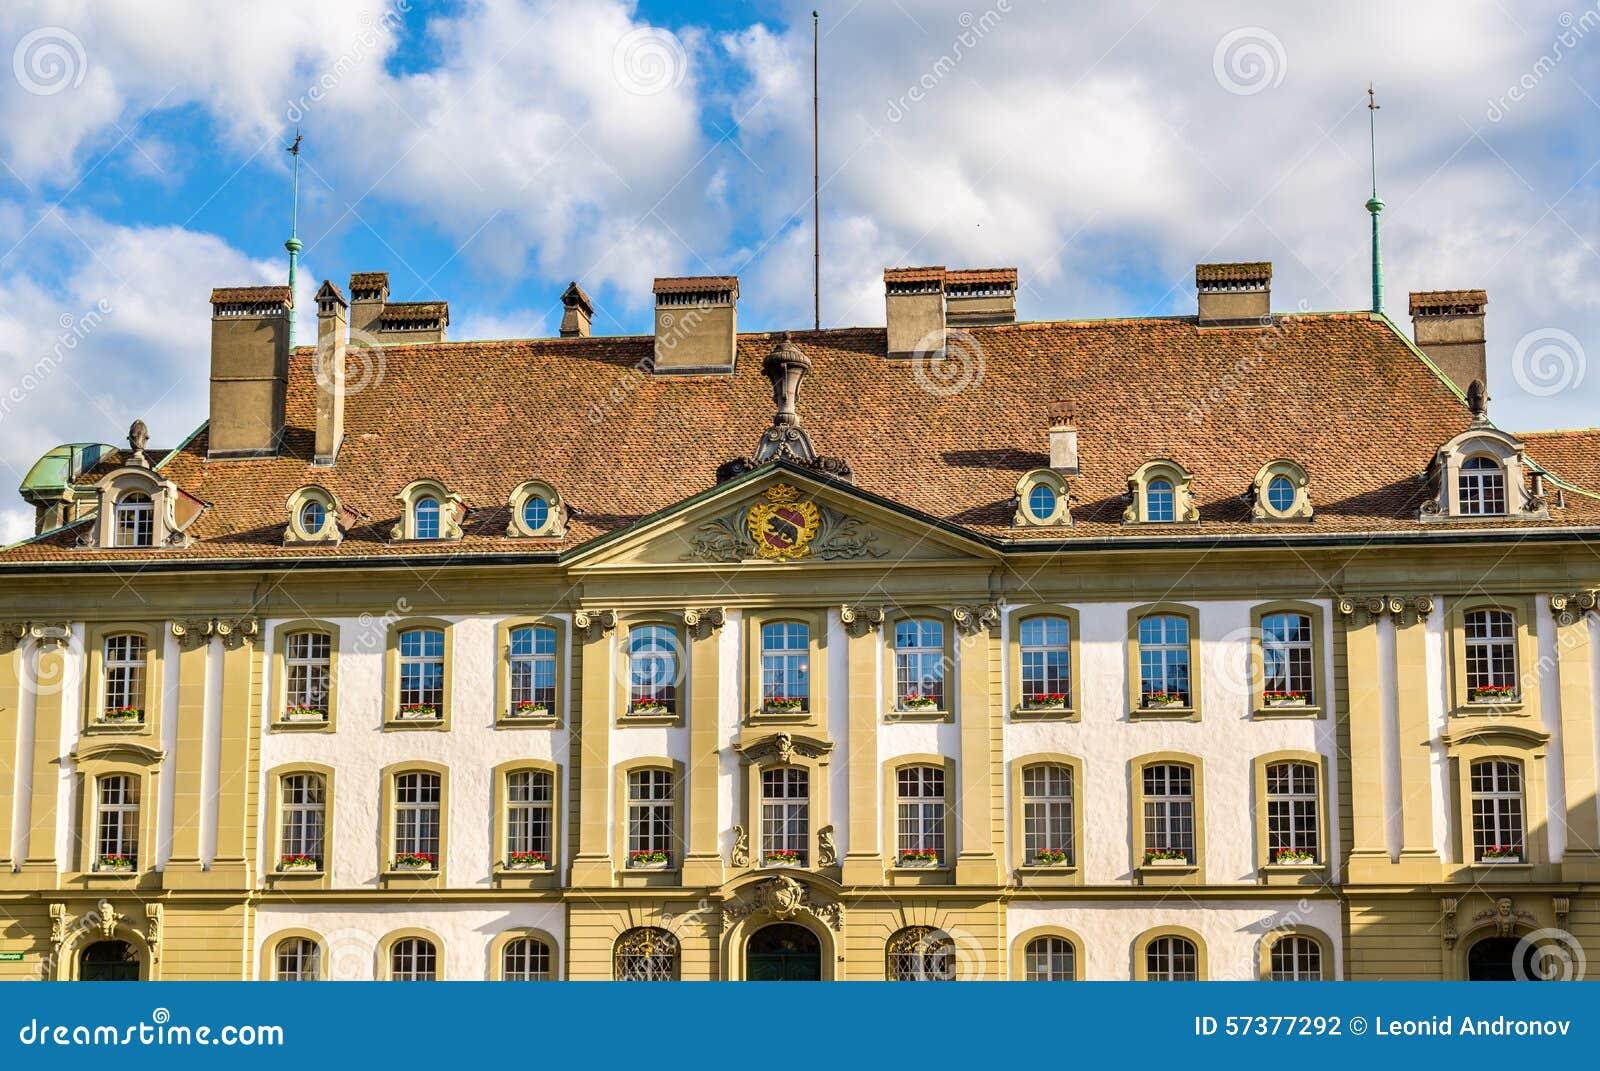 Berne rozwoju gospodarczego agencja, historyczny budynek